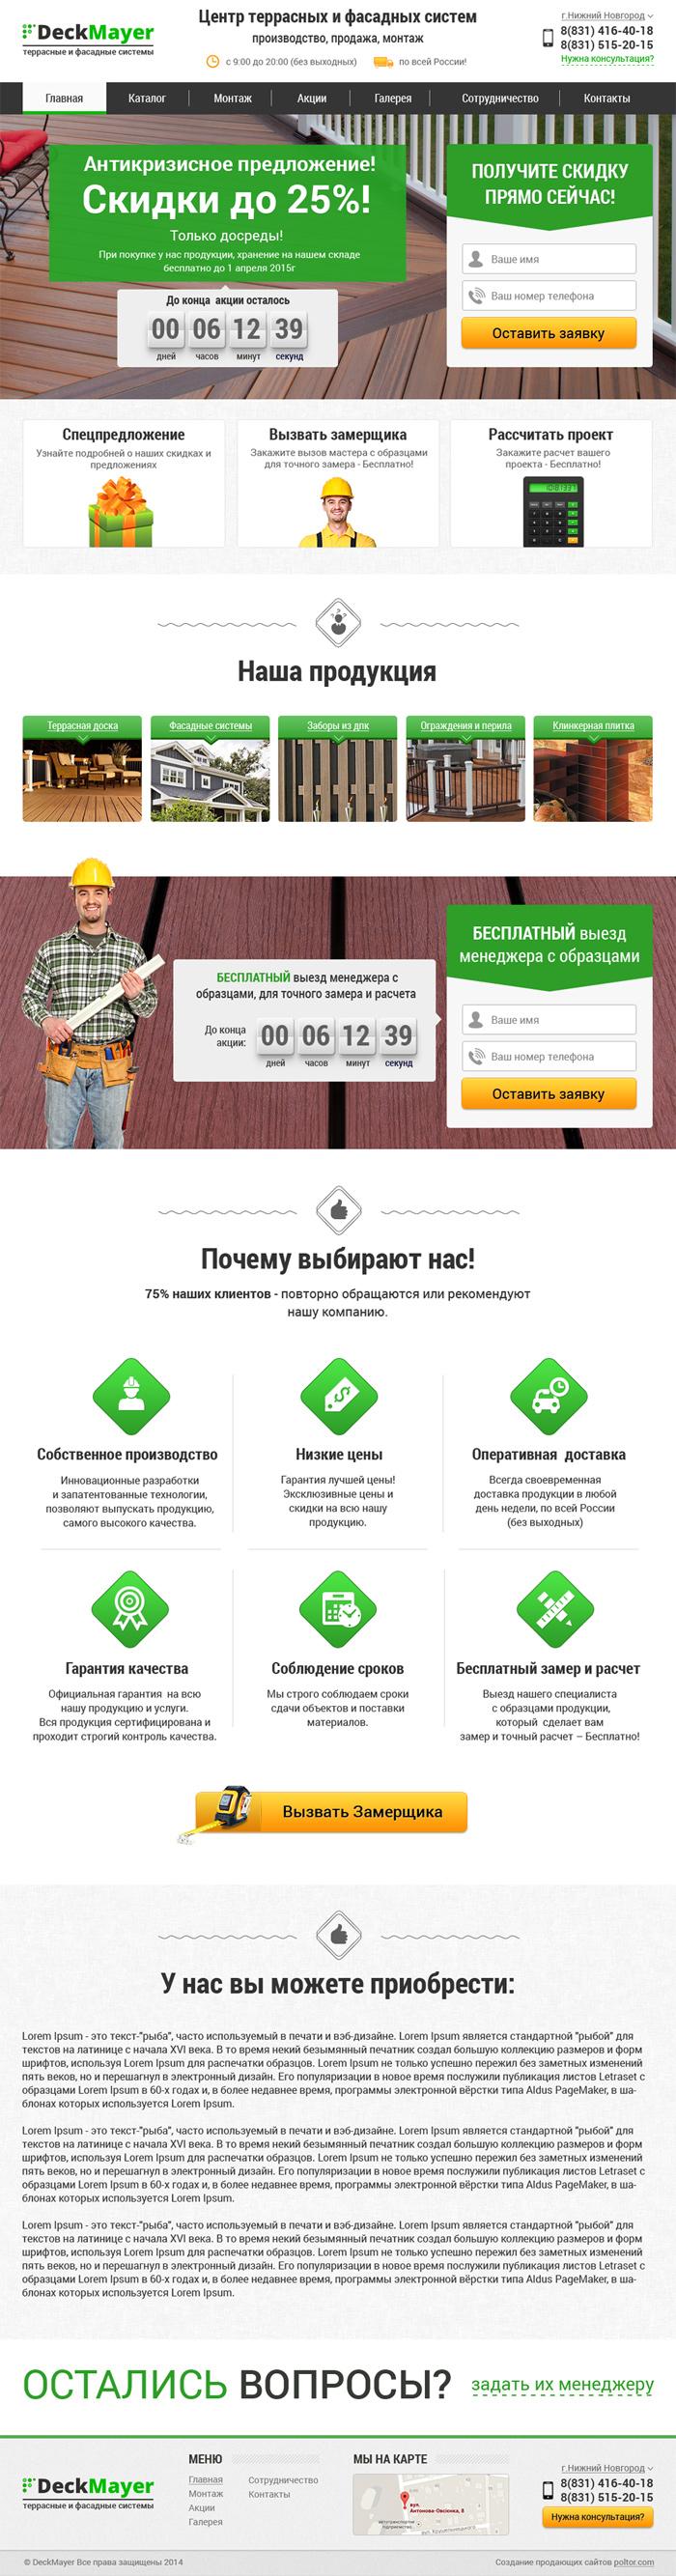 Майер создание интернет сайтов как поставить свой сервер cs 1.6 на бесплатный хостинг ucoz